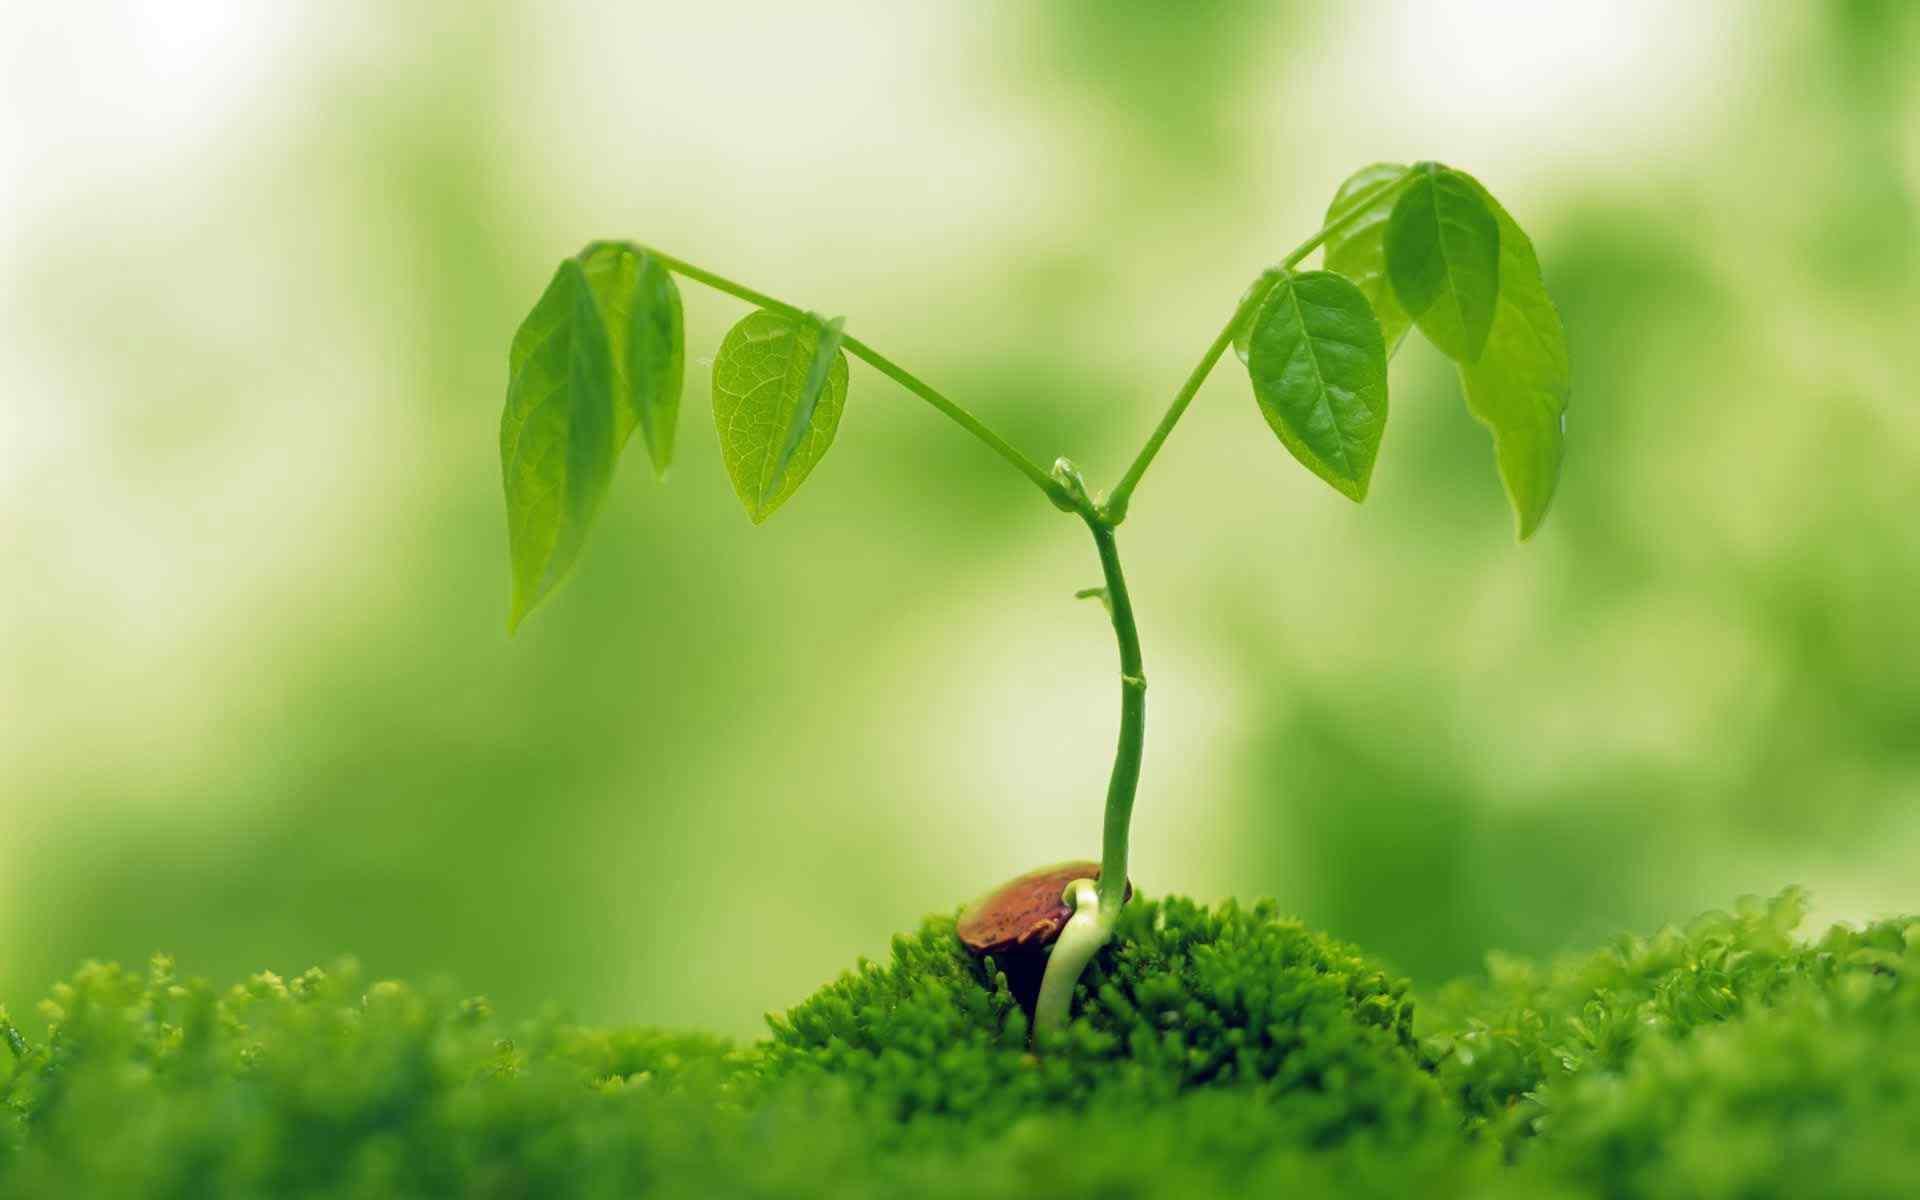 绿色护眼植物桌面壁纸(5张)